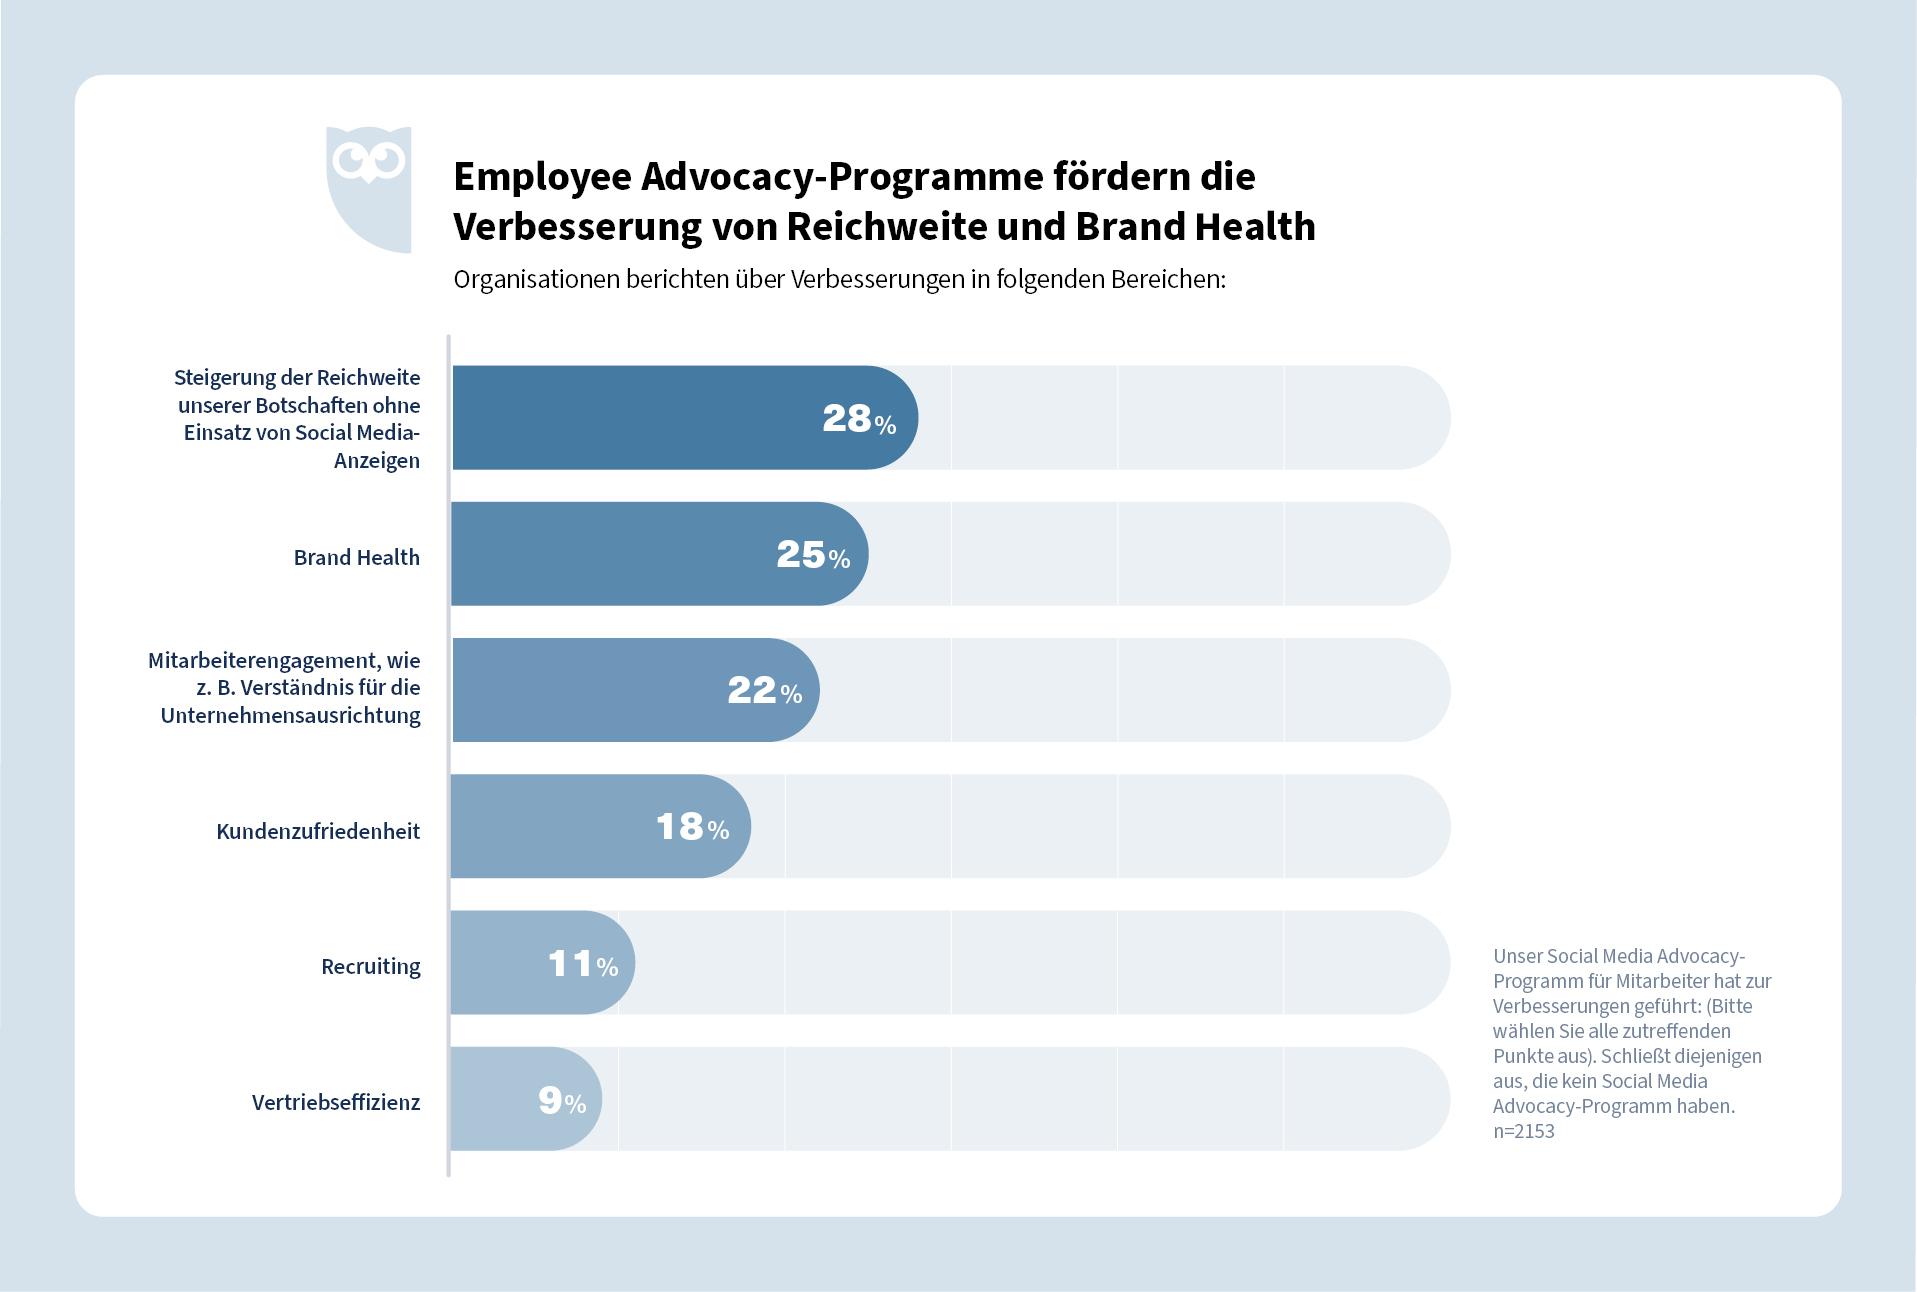 Verbesserungen durch Employee Advocacy Programme